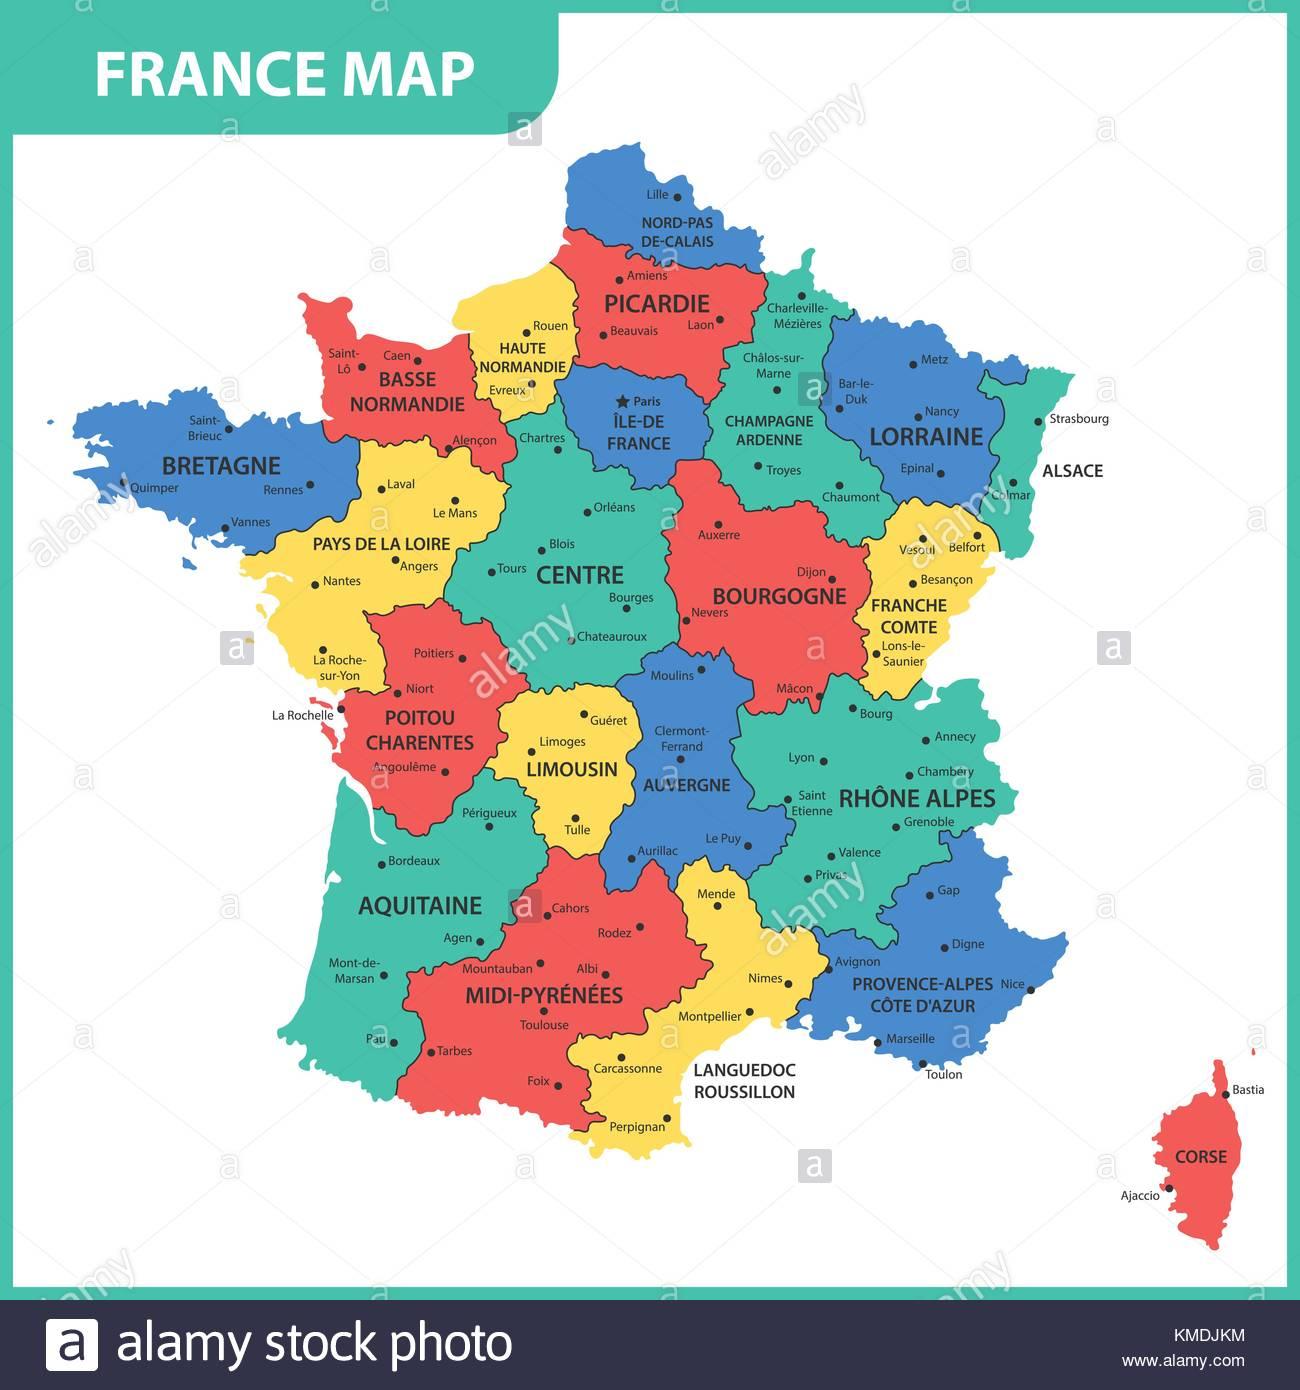 La Carte Détaillée De La France Avec Les Régions Ou États Et dedans Carte De France Avec Les Régions